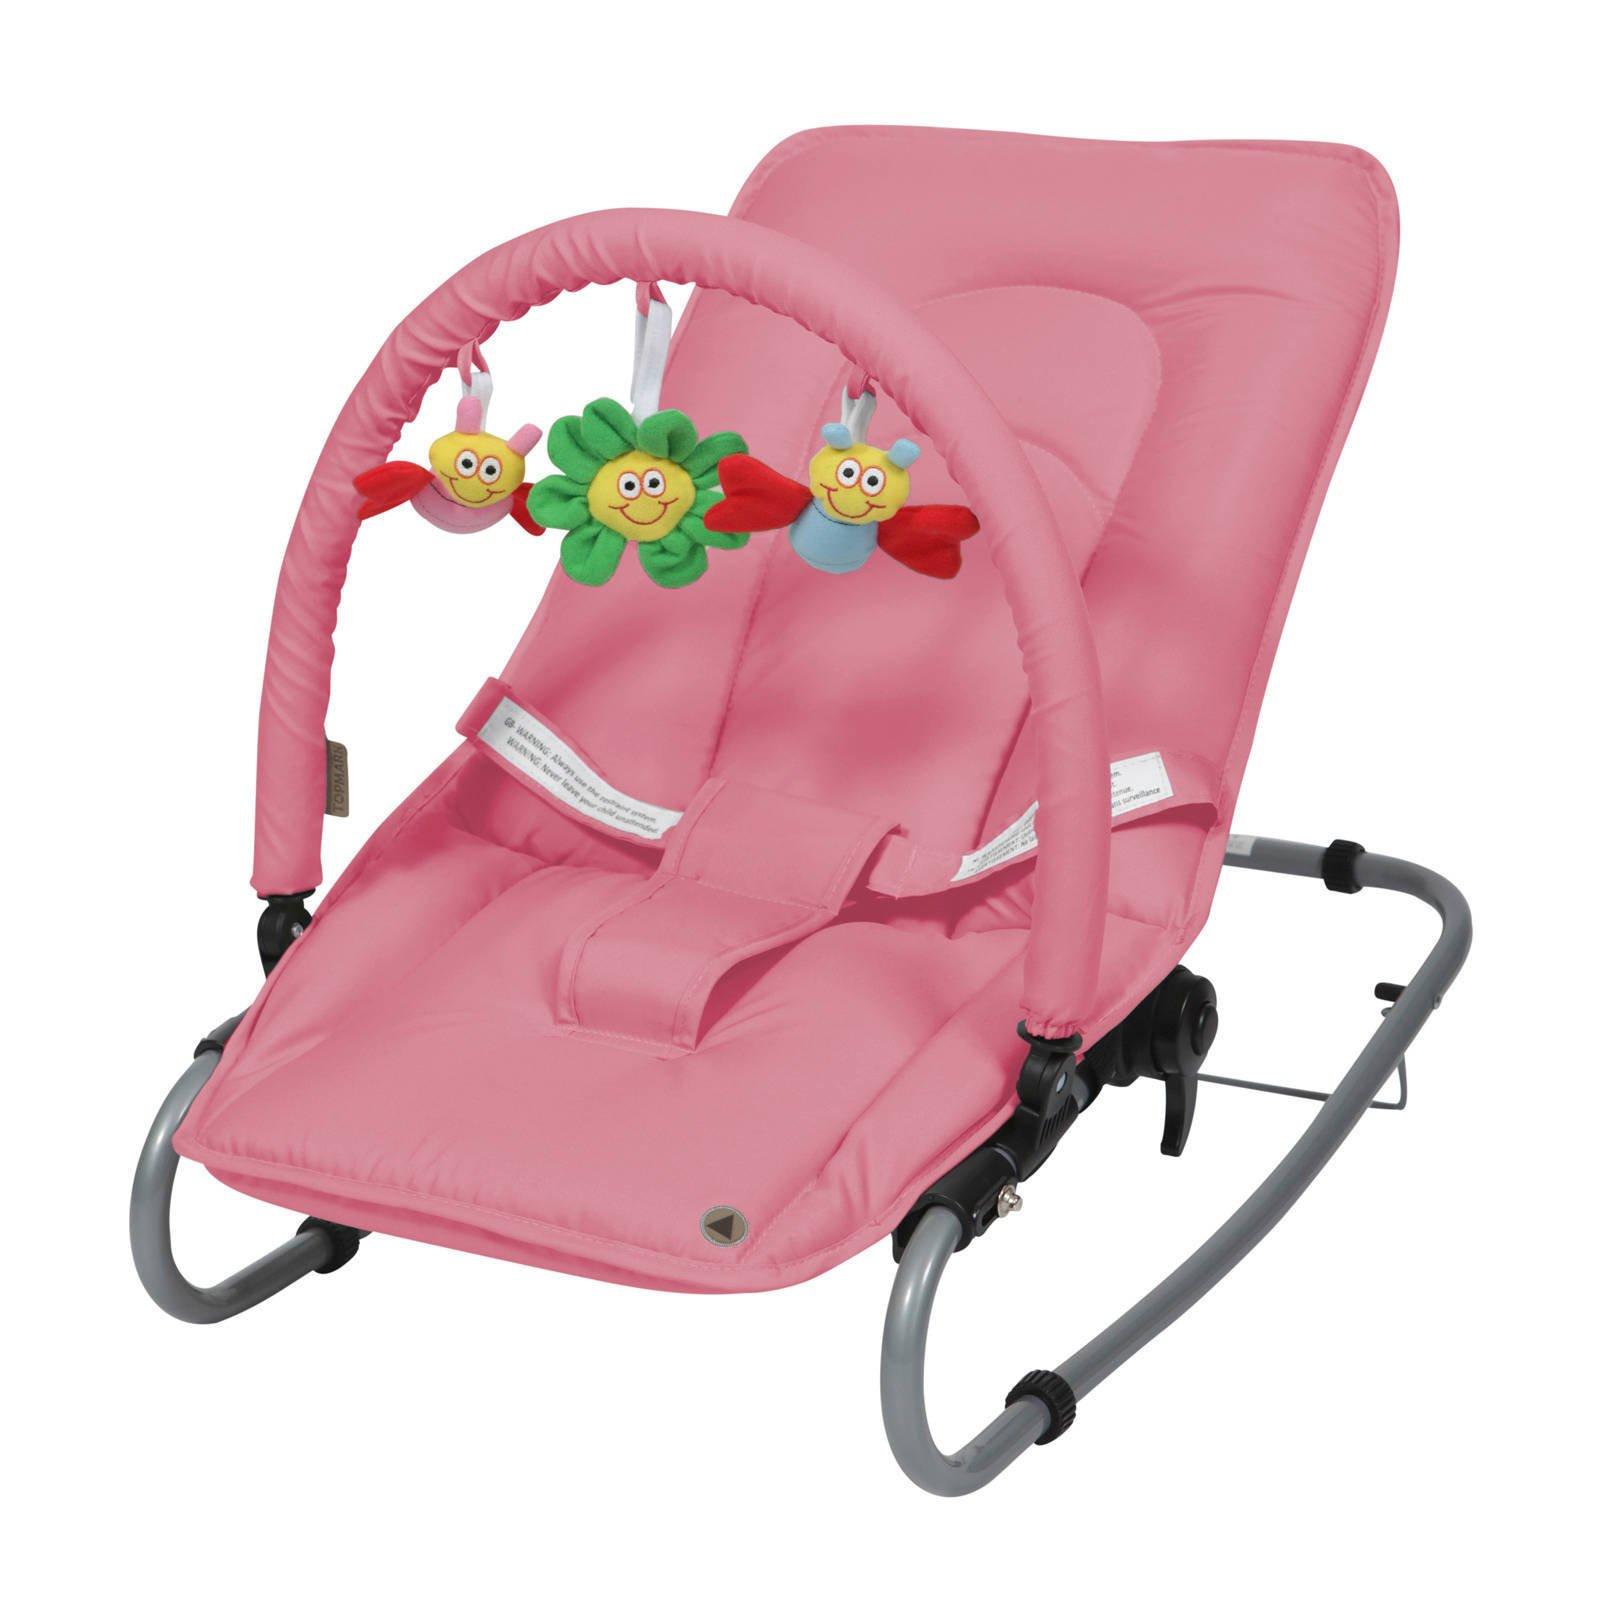 Baby Schommelstoel Roze.Wipstoelen Bij Wehkamp Gratis Bezorging Vanaf 20